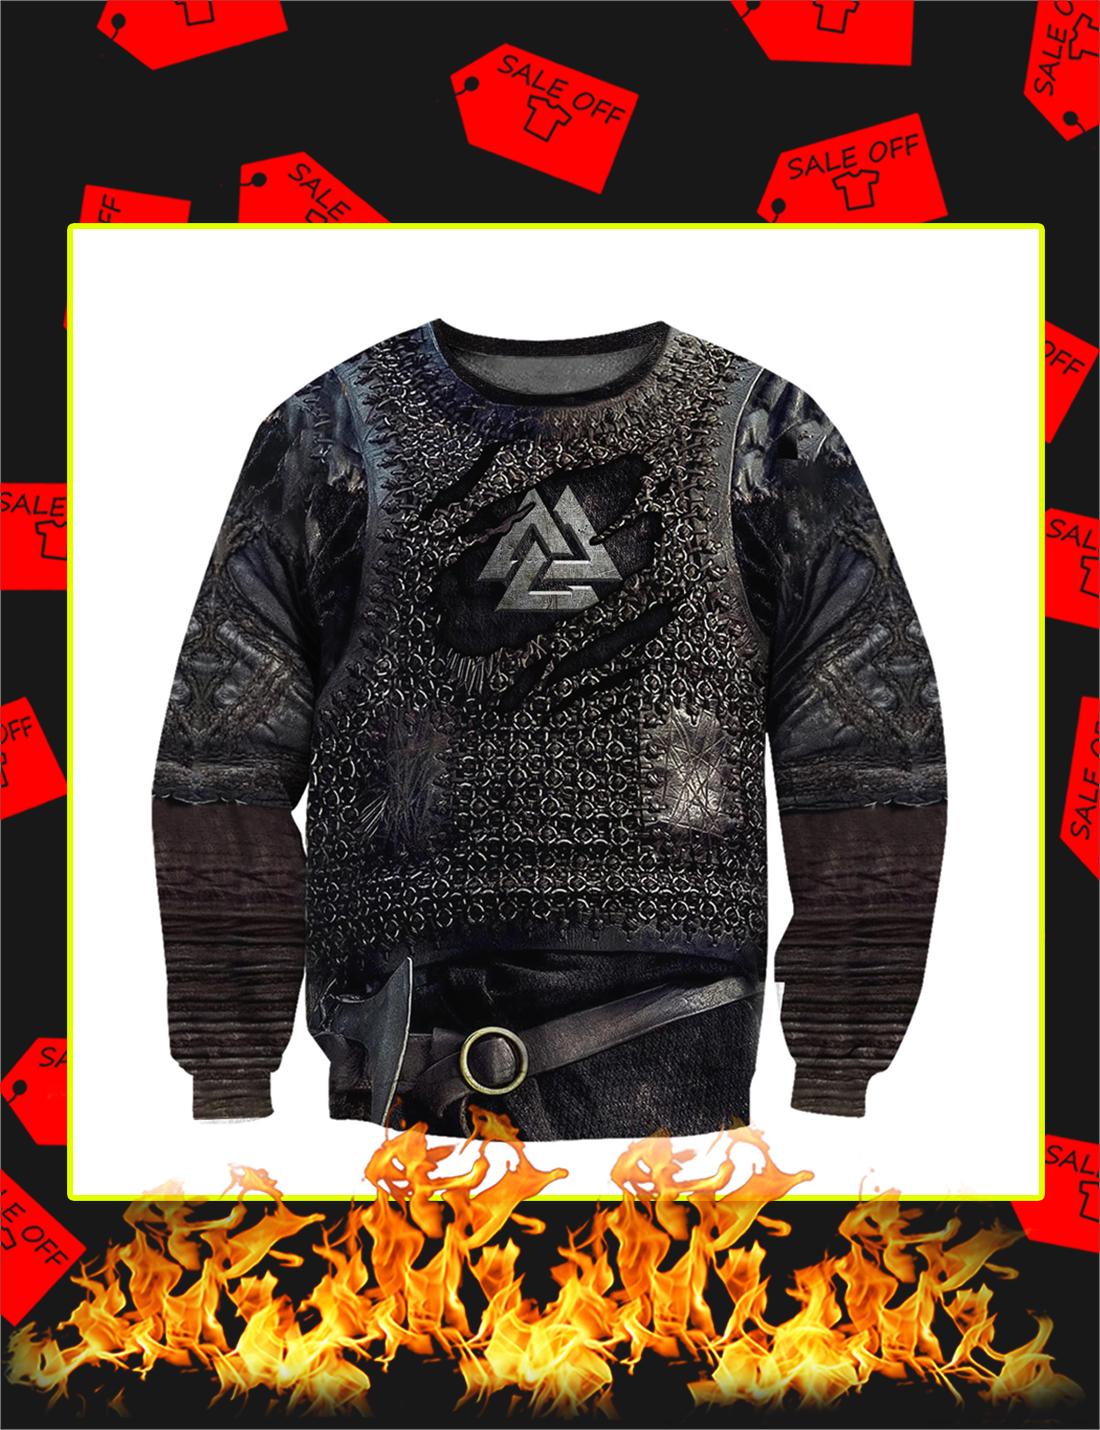 3D Printed Vikings Armor Sweatshirt